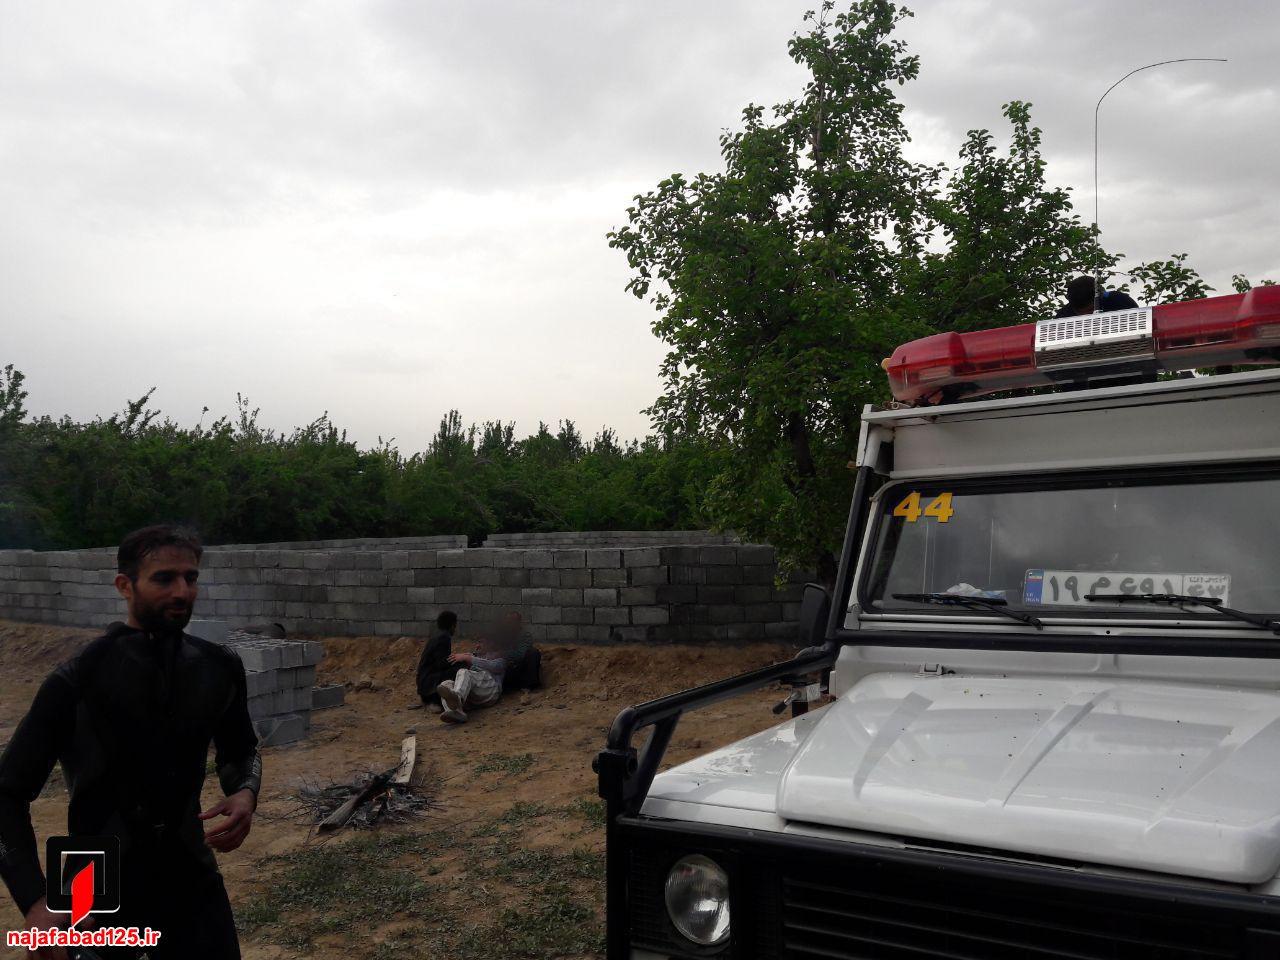 نجات کارگر و مرگ پیرمرد در نجف آباد+تصاویر نجات کارگر و مرگ پیرمرد در نجف آباد+تصاویر نجات کارگر و مرگ پیرمرد در نجف آباد+تصاویر                                       3